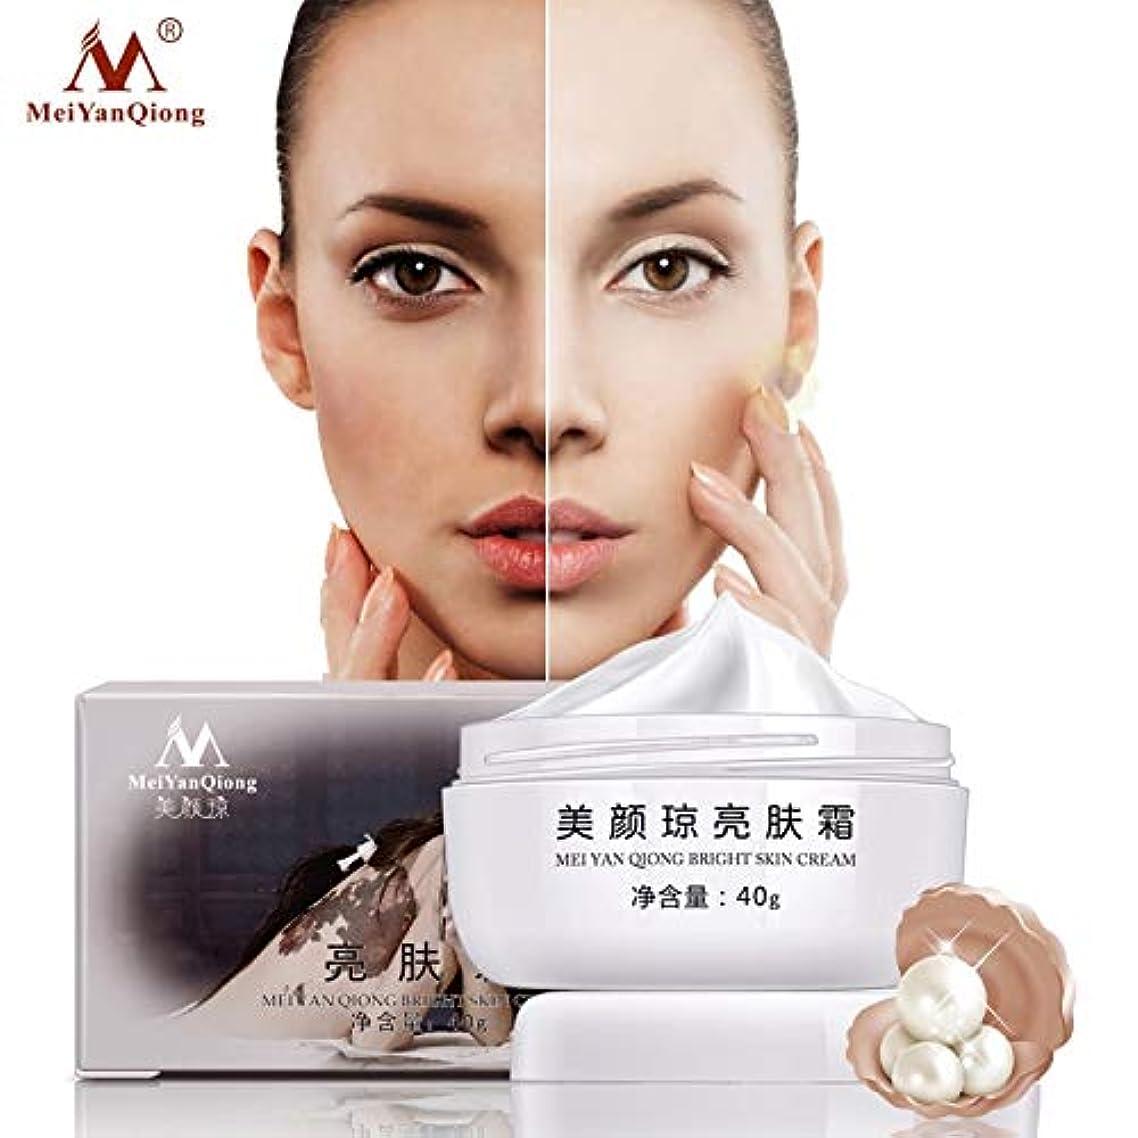 会話アッパー承認Meiyanqiongフェイスケアクリームダークスポットリムーバーライトニングクリームダークケアアンチそばかす寧クリーム